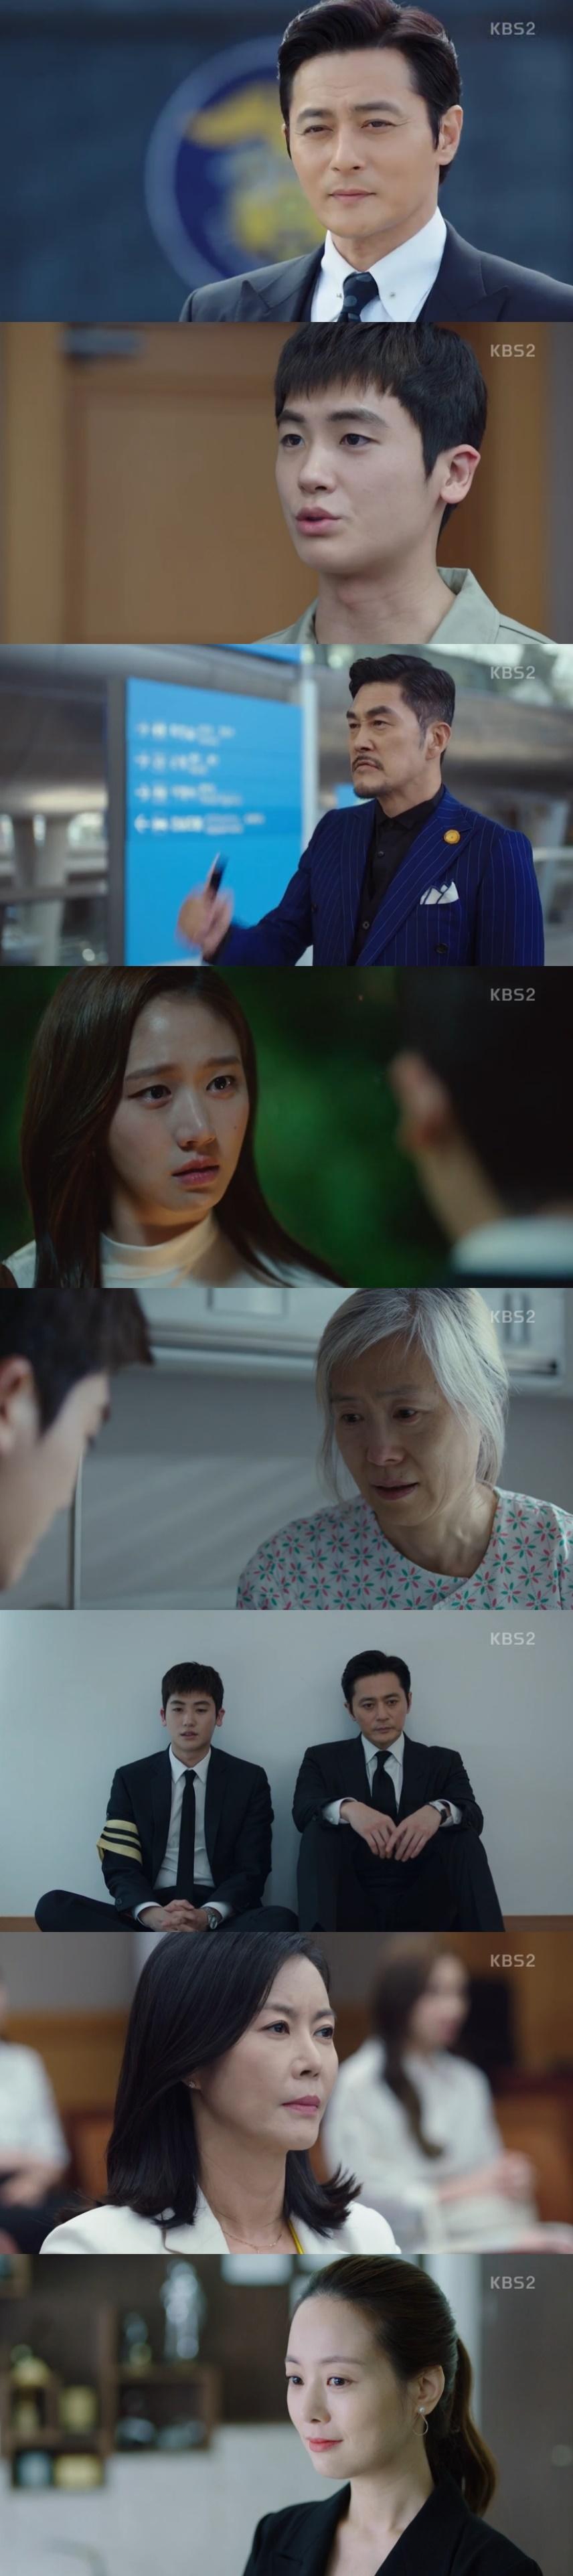 '슈츠' 죗값 치른 박형식 장동건과 진짜 파트너로 '새 출발'…해피엔딩 종영